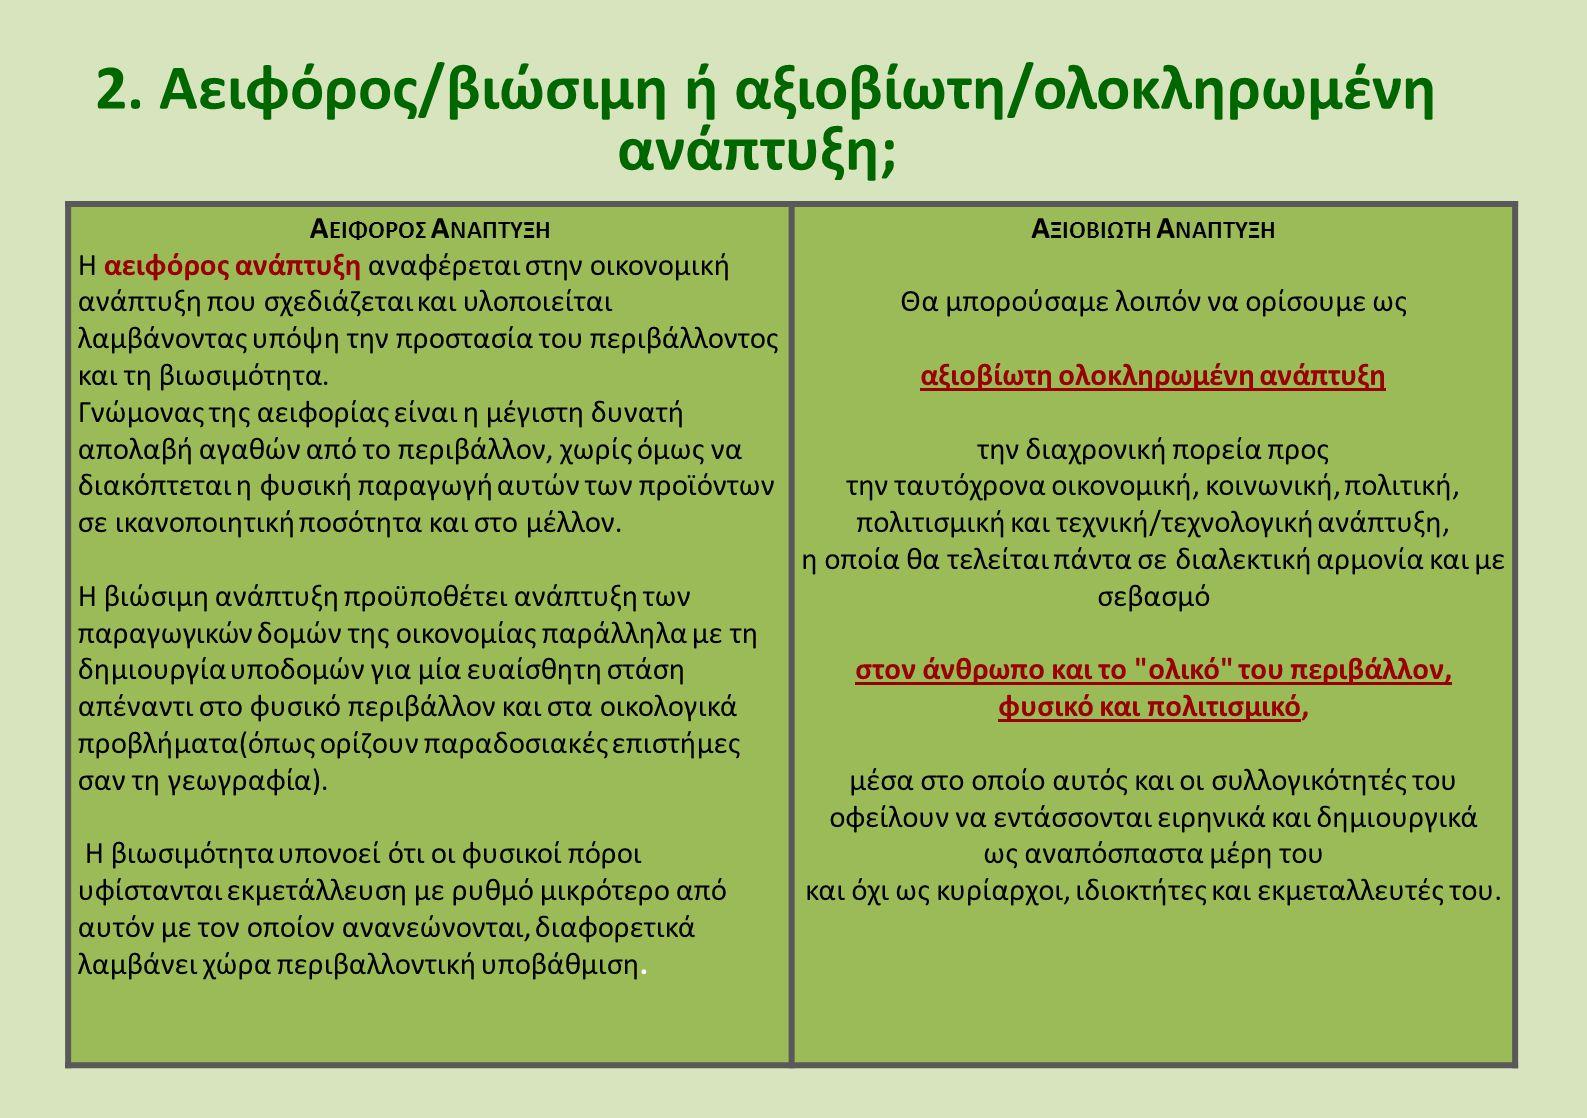 2. Αειφόρος/βιώσιμη ή αξιοβίωτη/ολοκληρωμένη ανάπτυξη; Α ΕΙΦΟΡΟΣ Α ΝΑΠΤΥΞΗ Η αειφόρος ανάπτυξη αναφέρεται στην οικονομική ανάπτυξη που σχεδιάζεται και